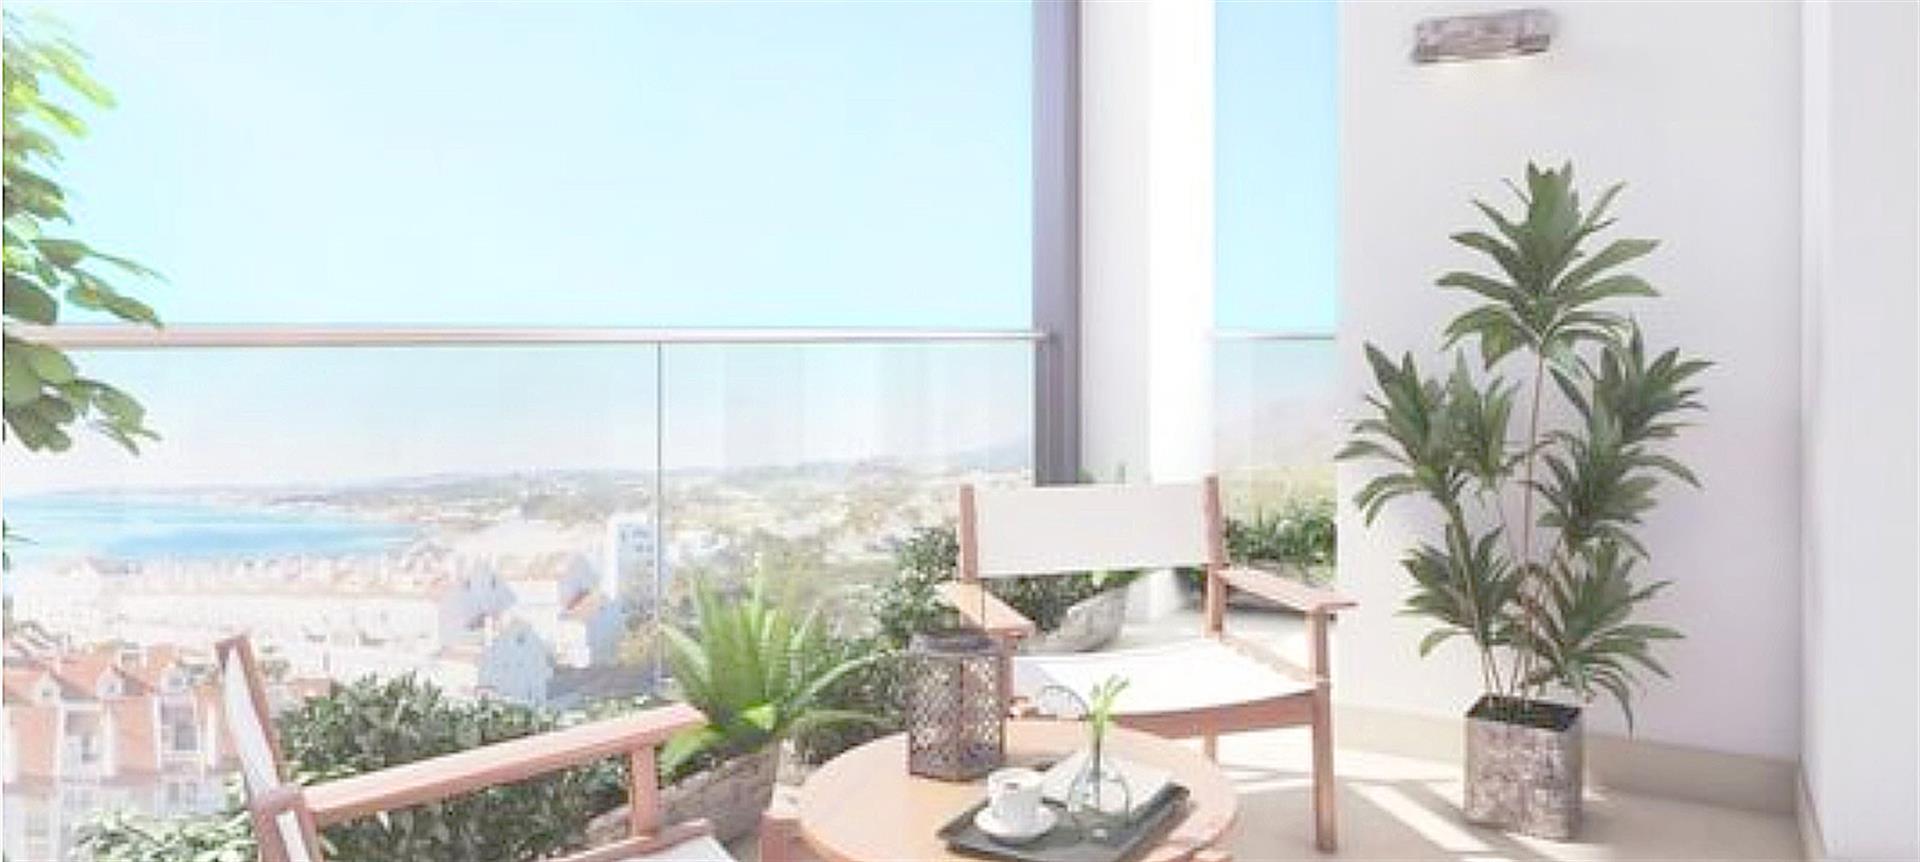 Appartements à Estepona MA2261899